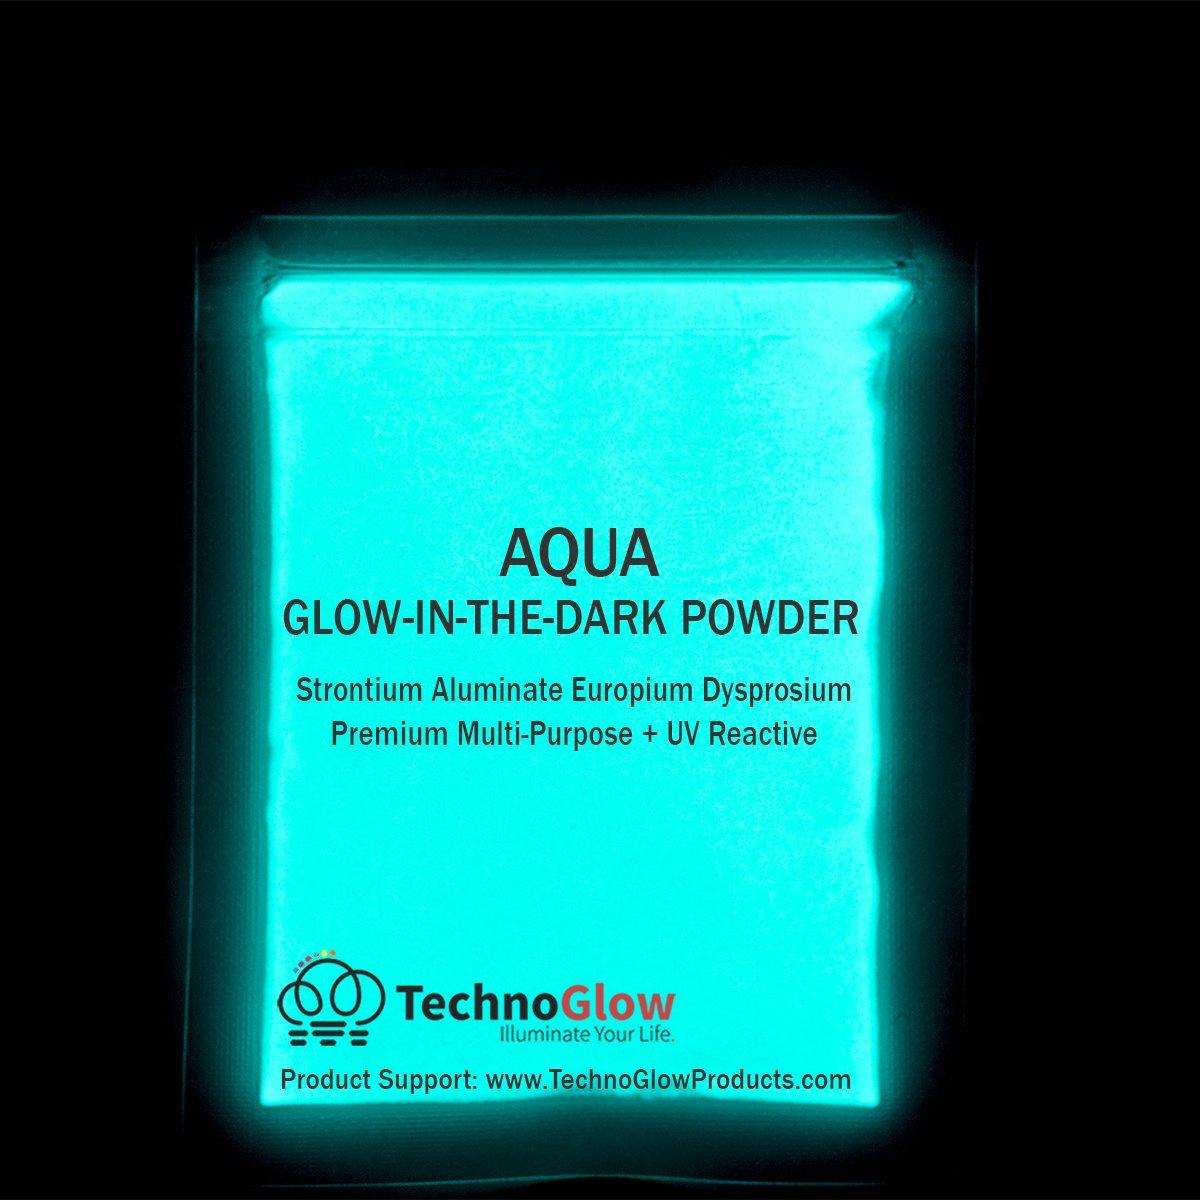 Aqua Glow in the Dark Powder | Various Sizes - 1 Pound by Techno Glow Inc (Image #1)